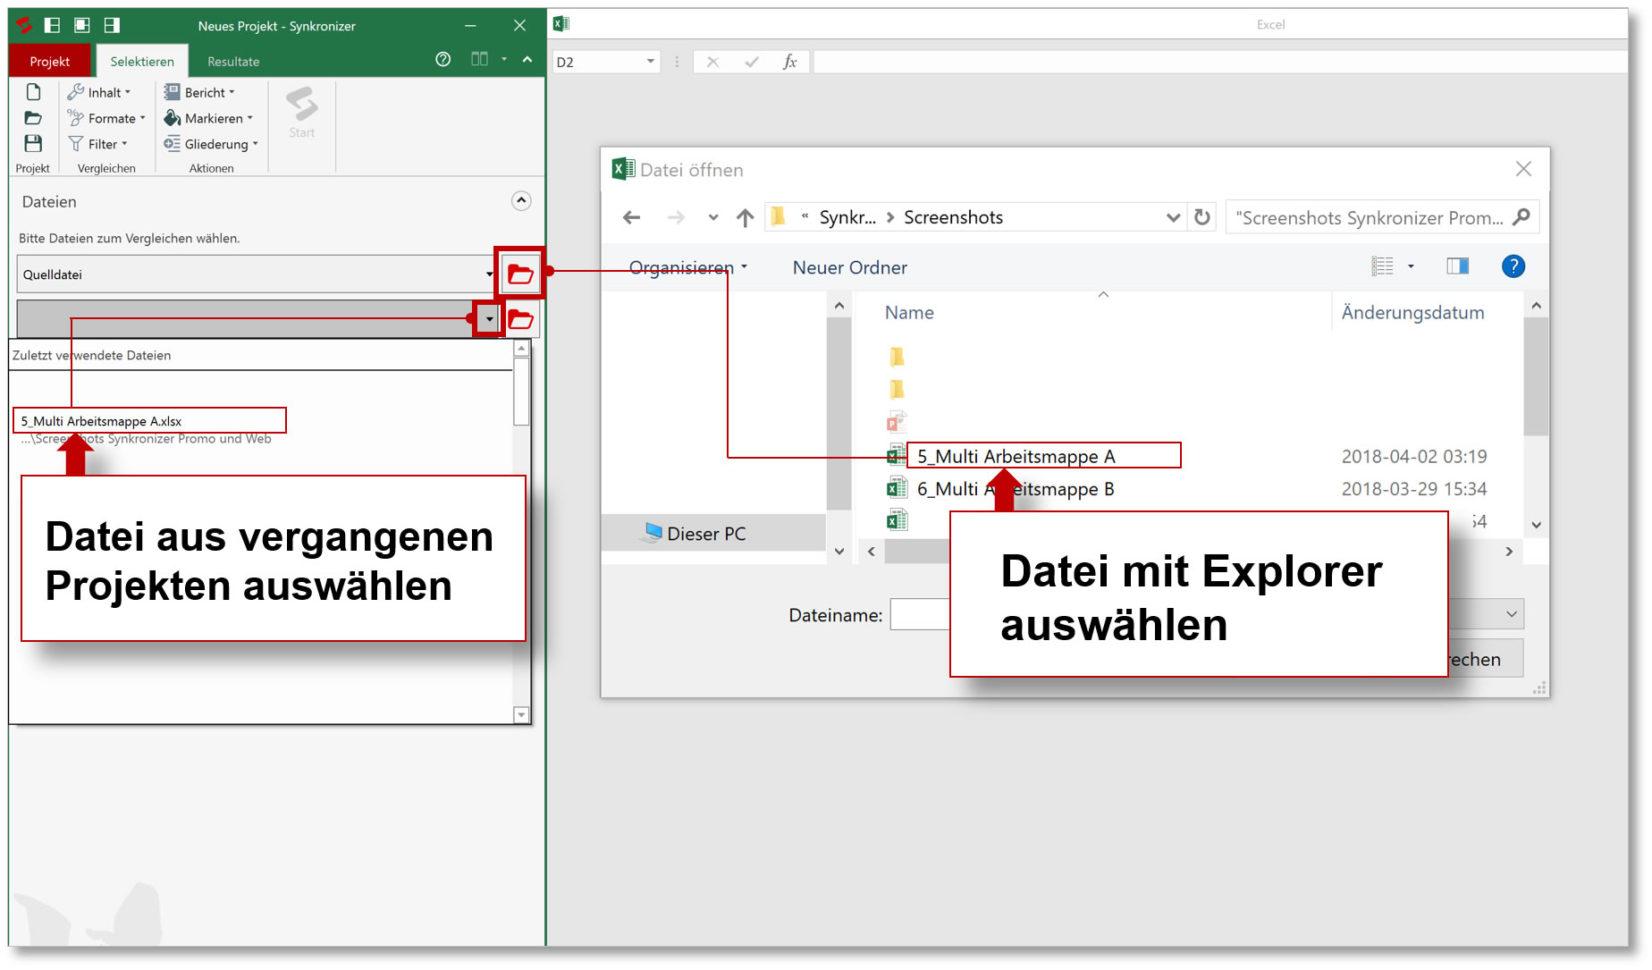 Excel Spreadsheet Validierung For Synkronizer Excel Compare: Excel Tabellen Zusammenführen Und Vergleichen